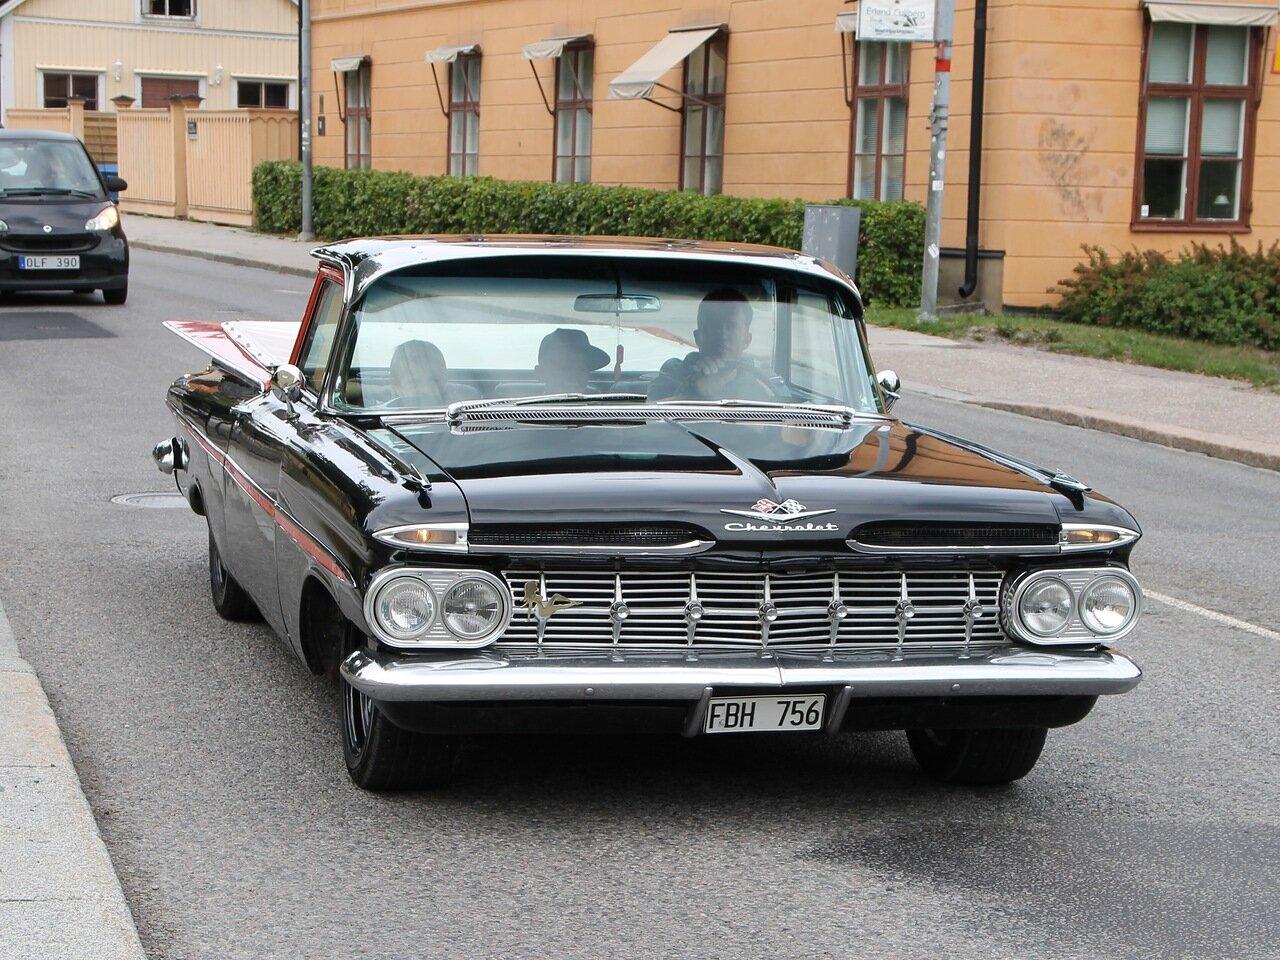 Уппсала. Uppsala. Автоклассика, Oldtimer.  Chevrolet Impala, 1958-1960